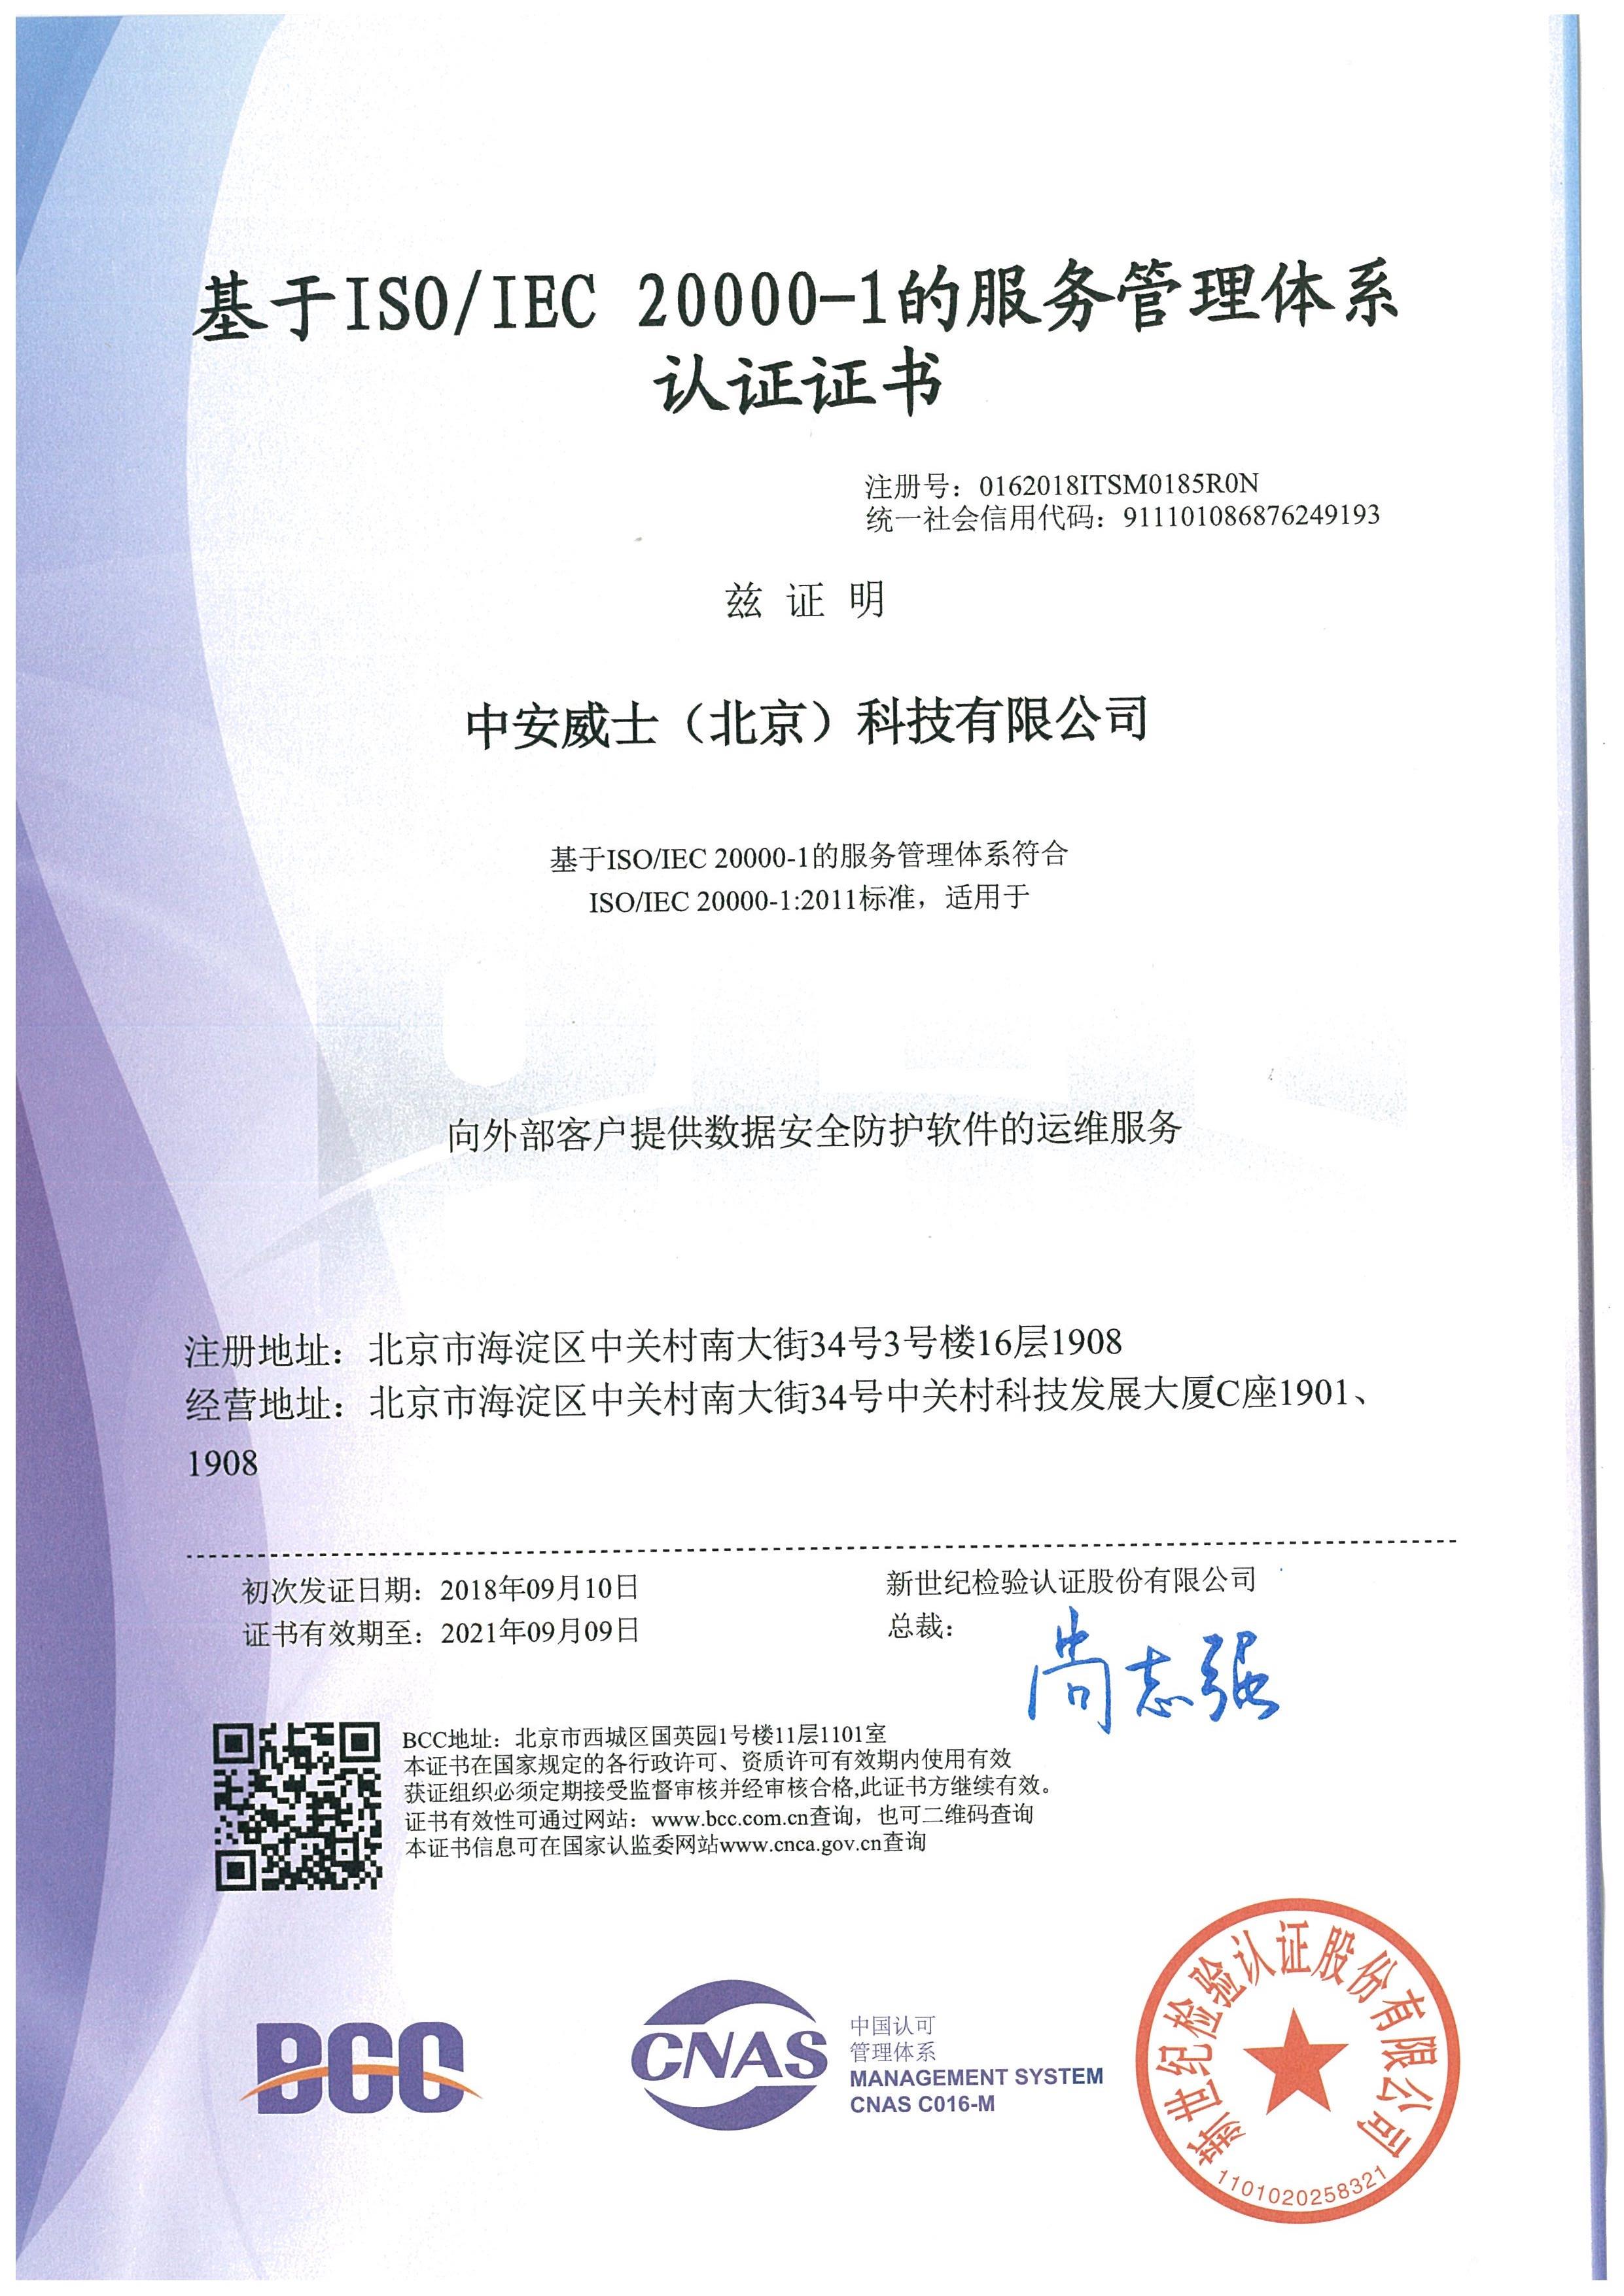 20000服务管理体系认证